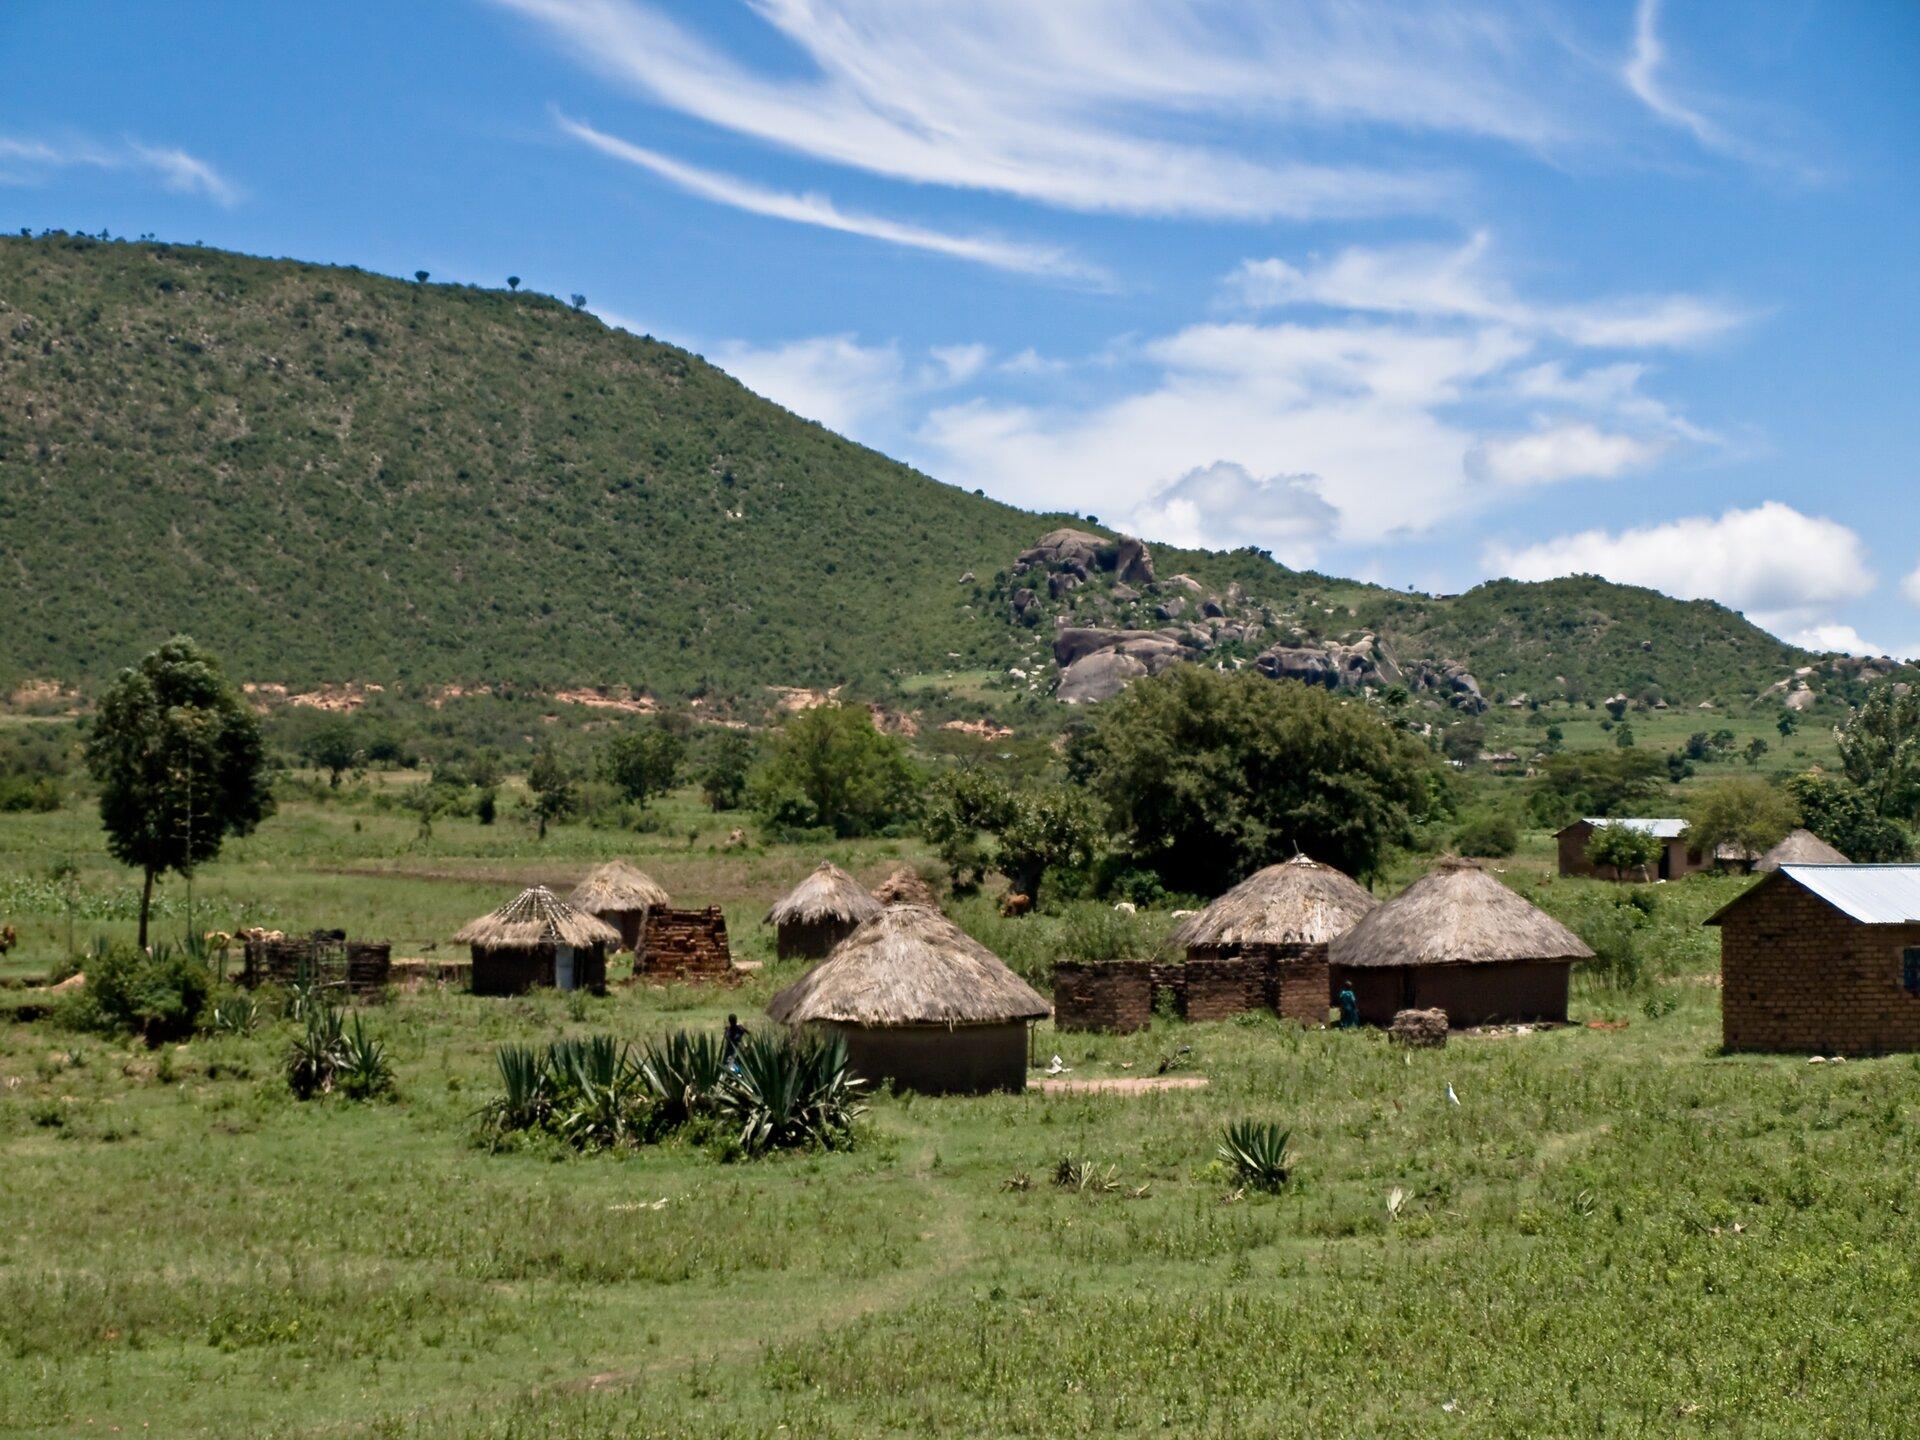 Na zdjęciu afrykańska wioska. Na pierwszym planie okrągłe chatki pokryte słomą, na drugim planie drzewa. Wtle góry.